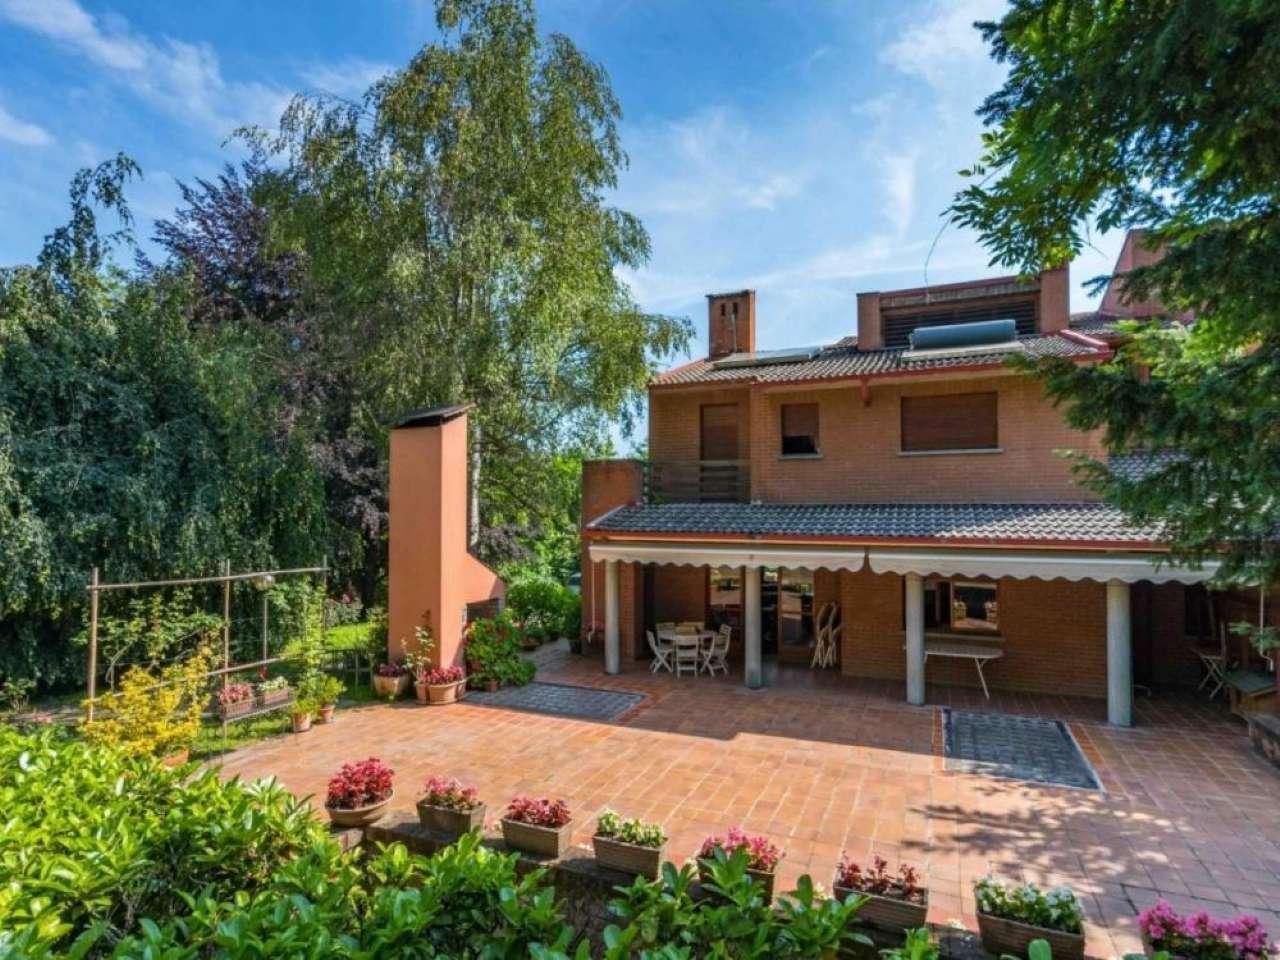 Villetta a schiera in vendita Rif. 8645052